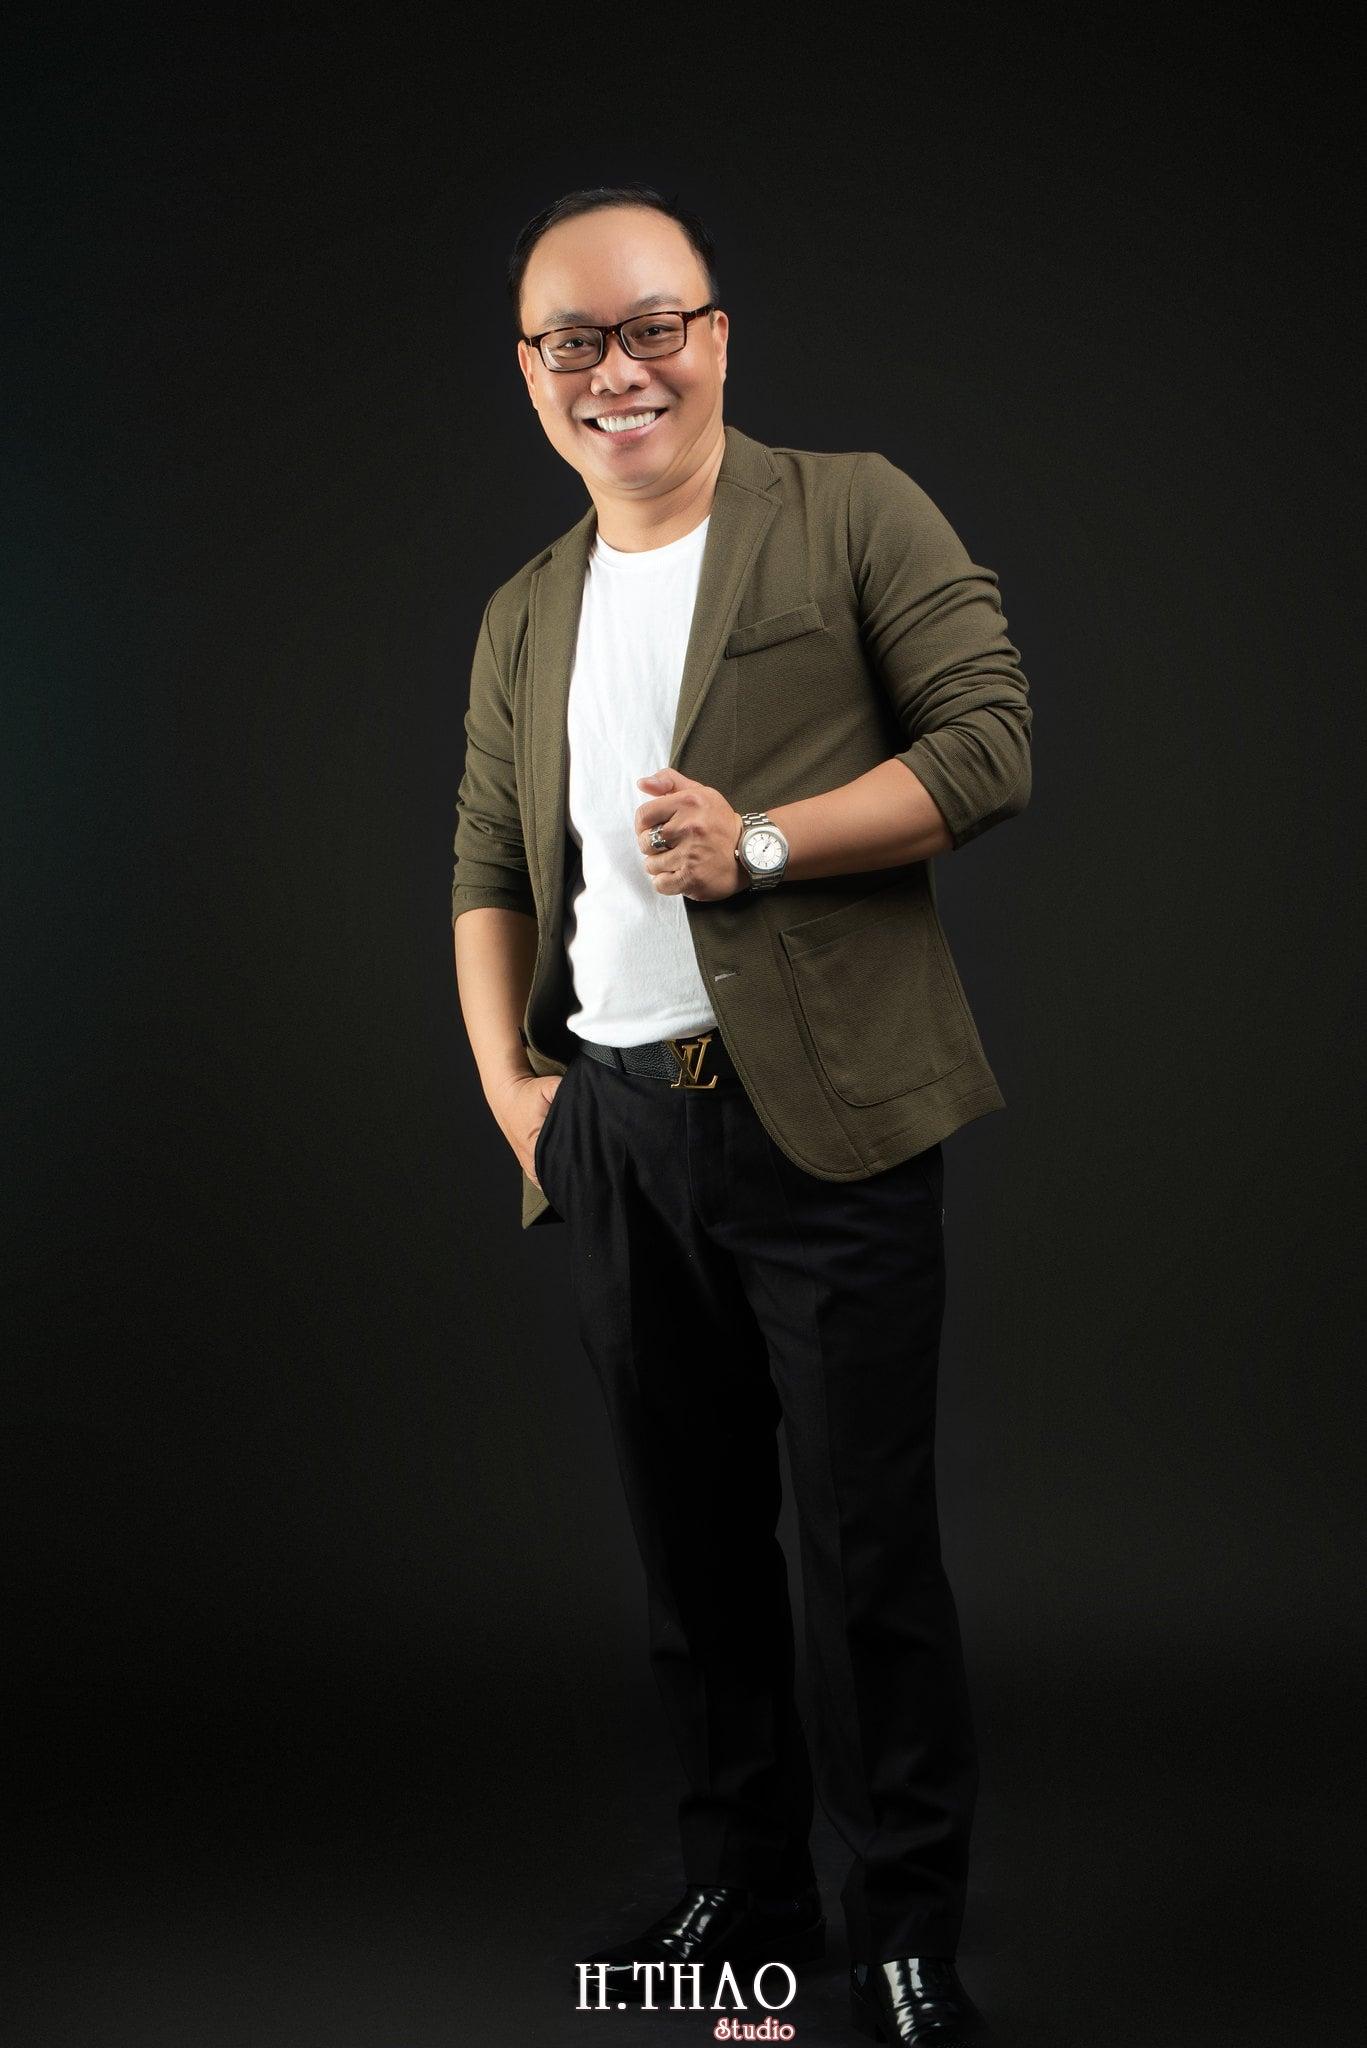 Anh Duy An 1 min - Album ảnh giảng viên, tiến sĩ Duy Ân trẻ tuổi năng động - HThao Studio